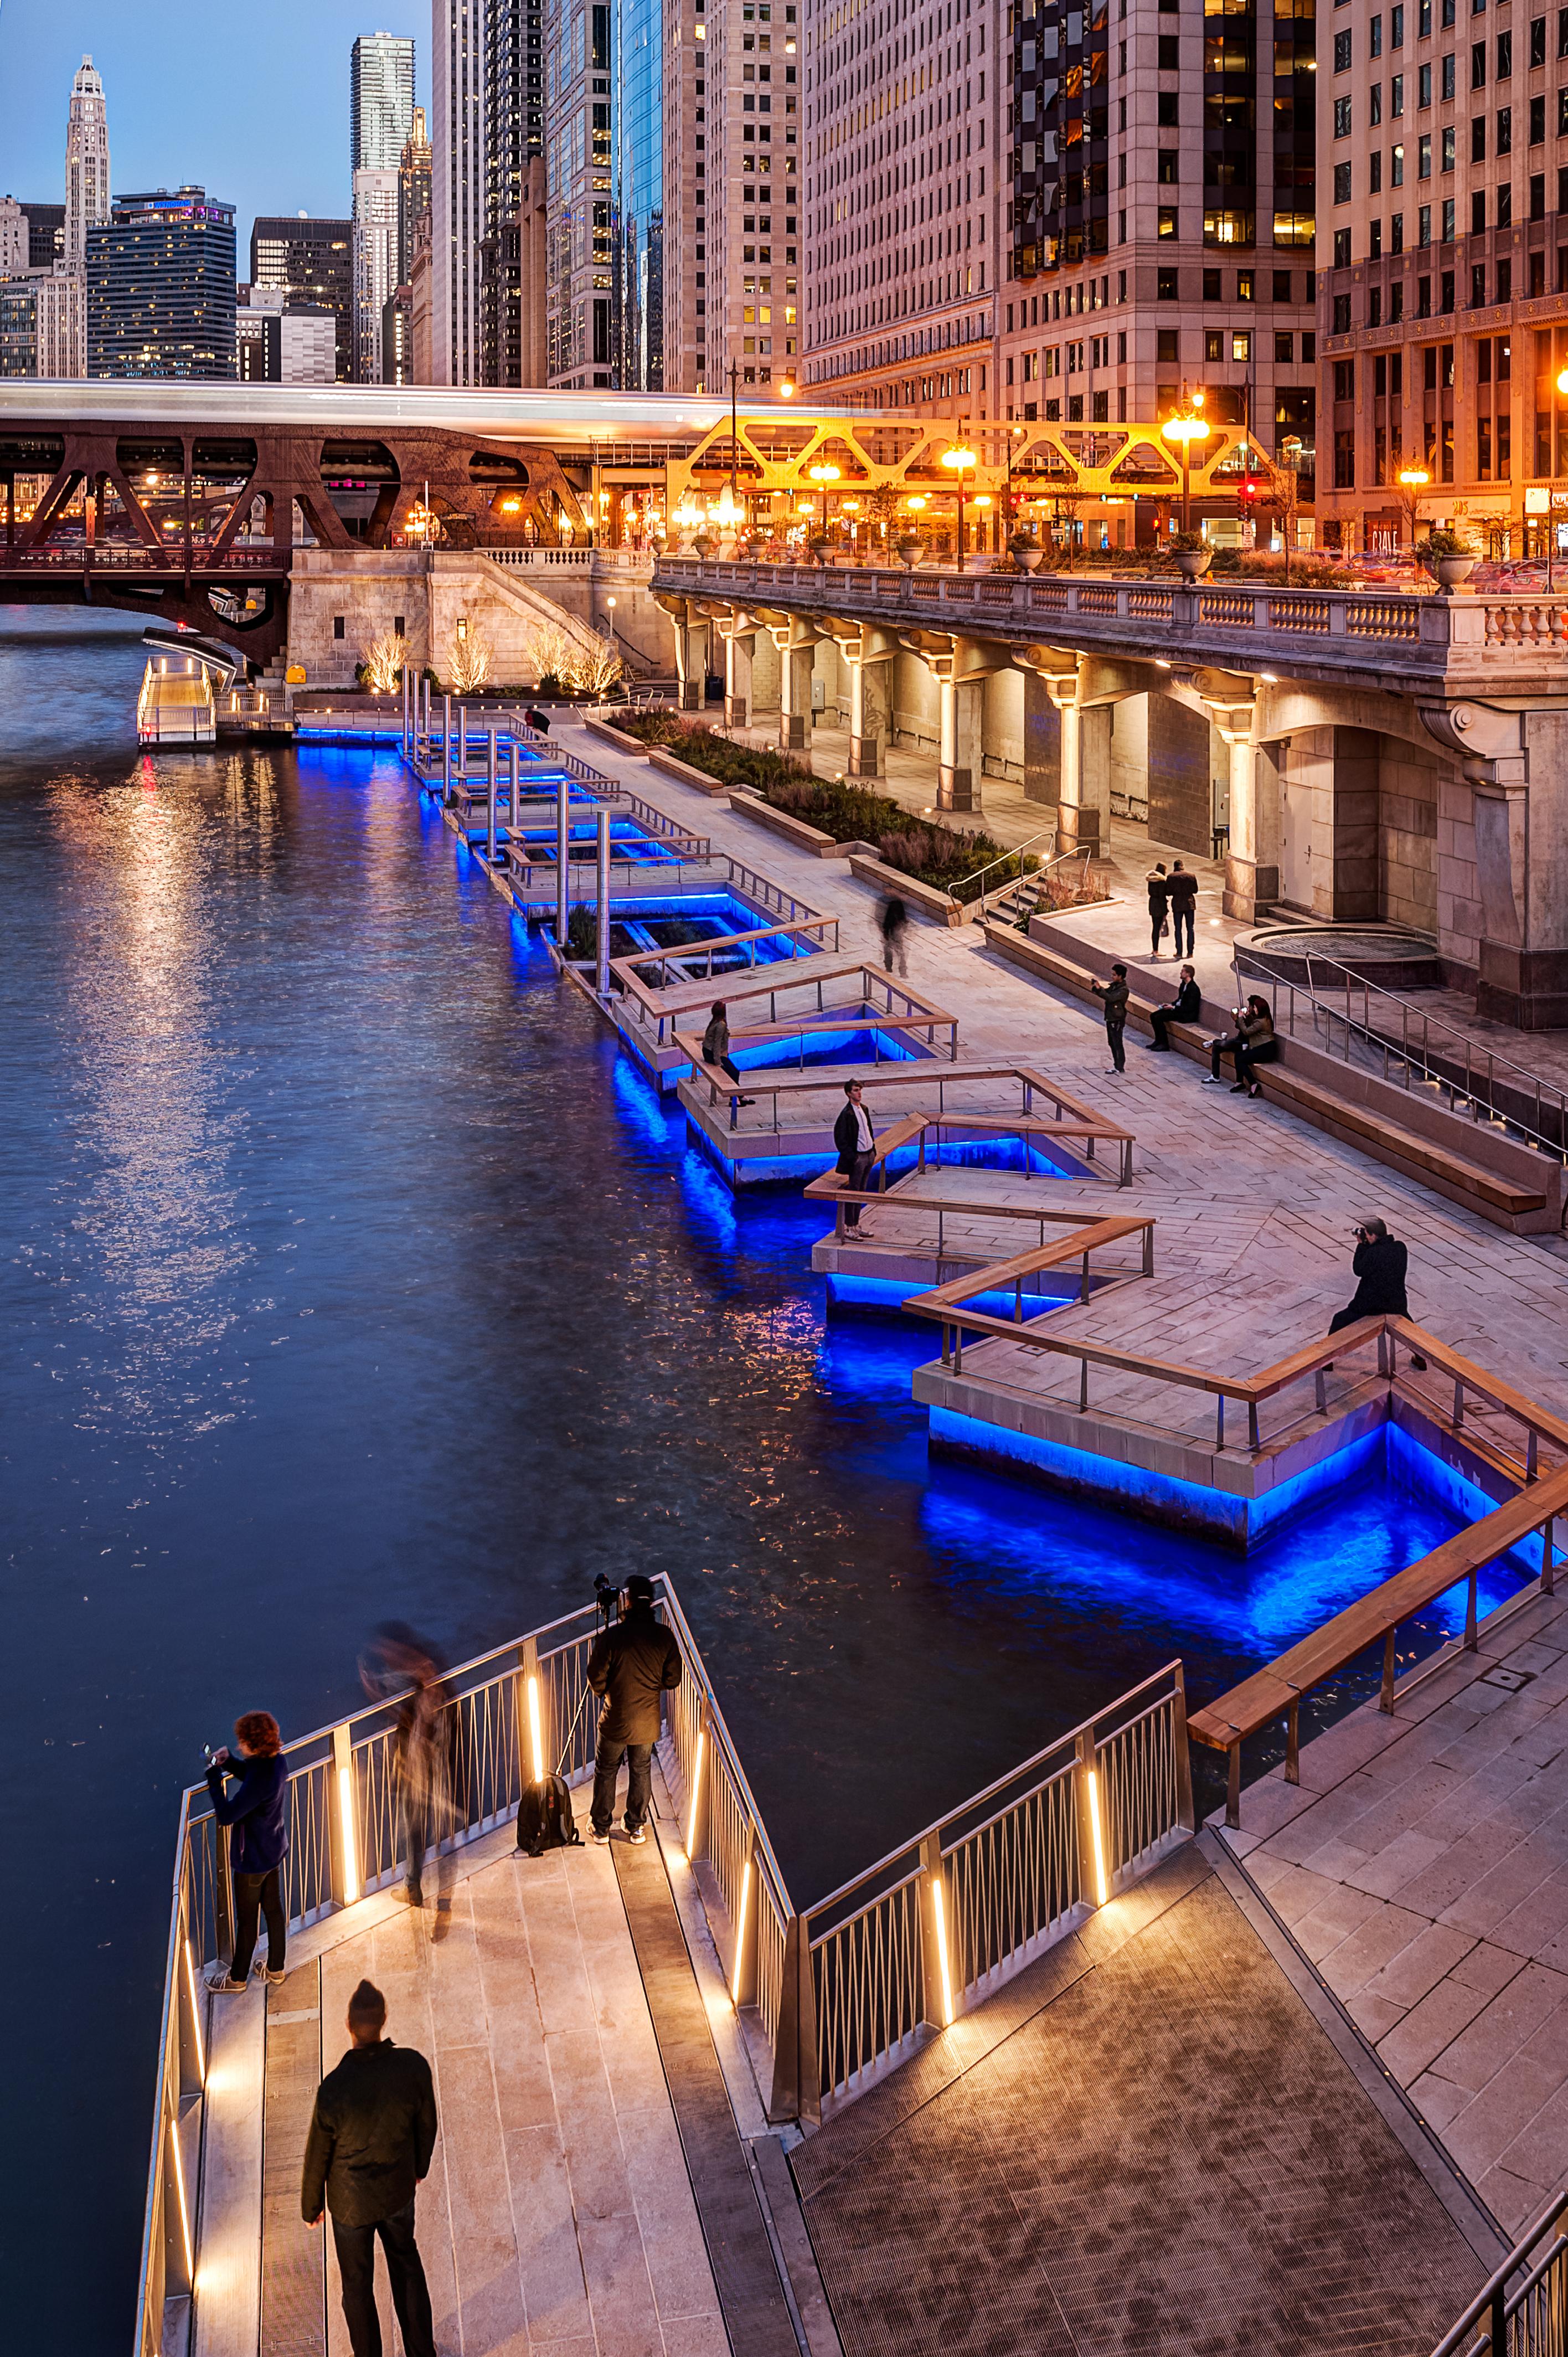 LUCI Chicago Riverwalk Cities & Lighting